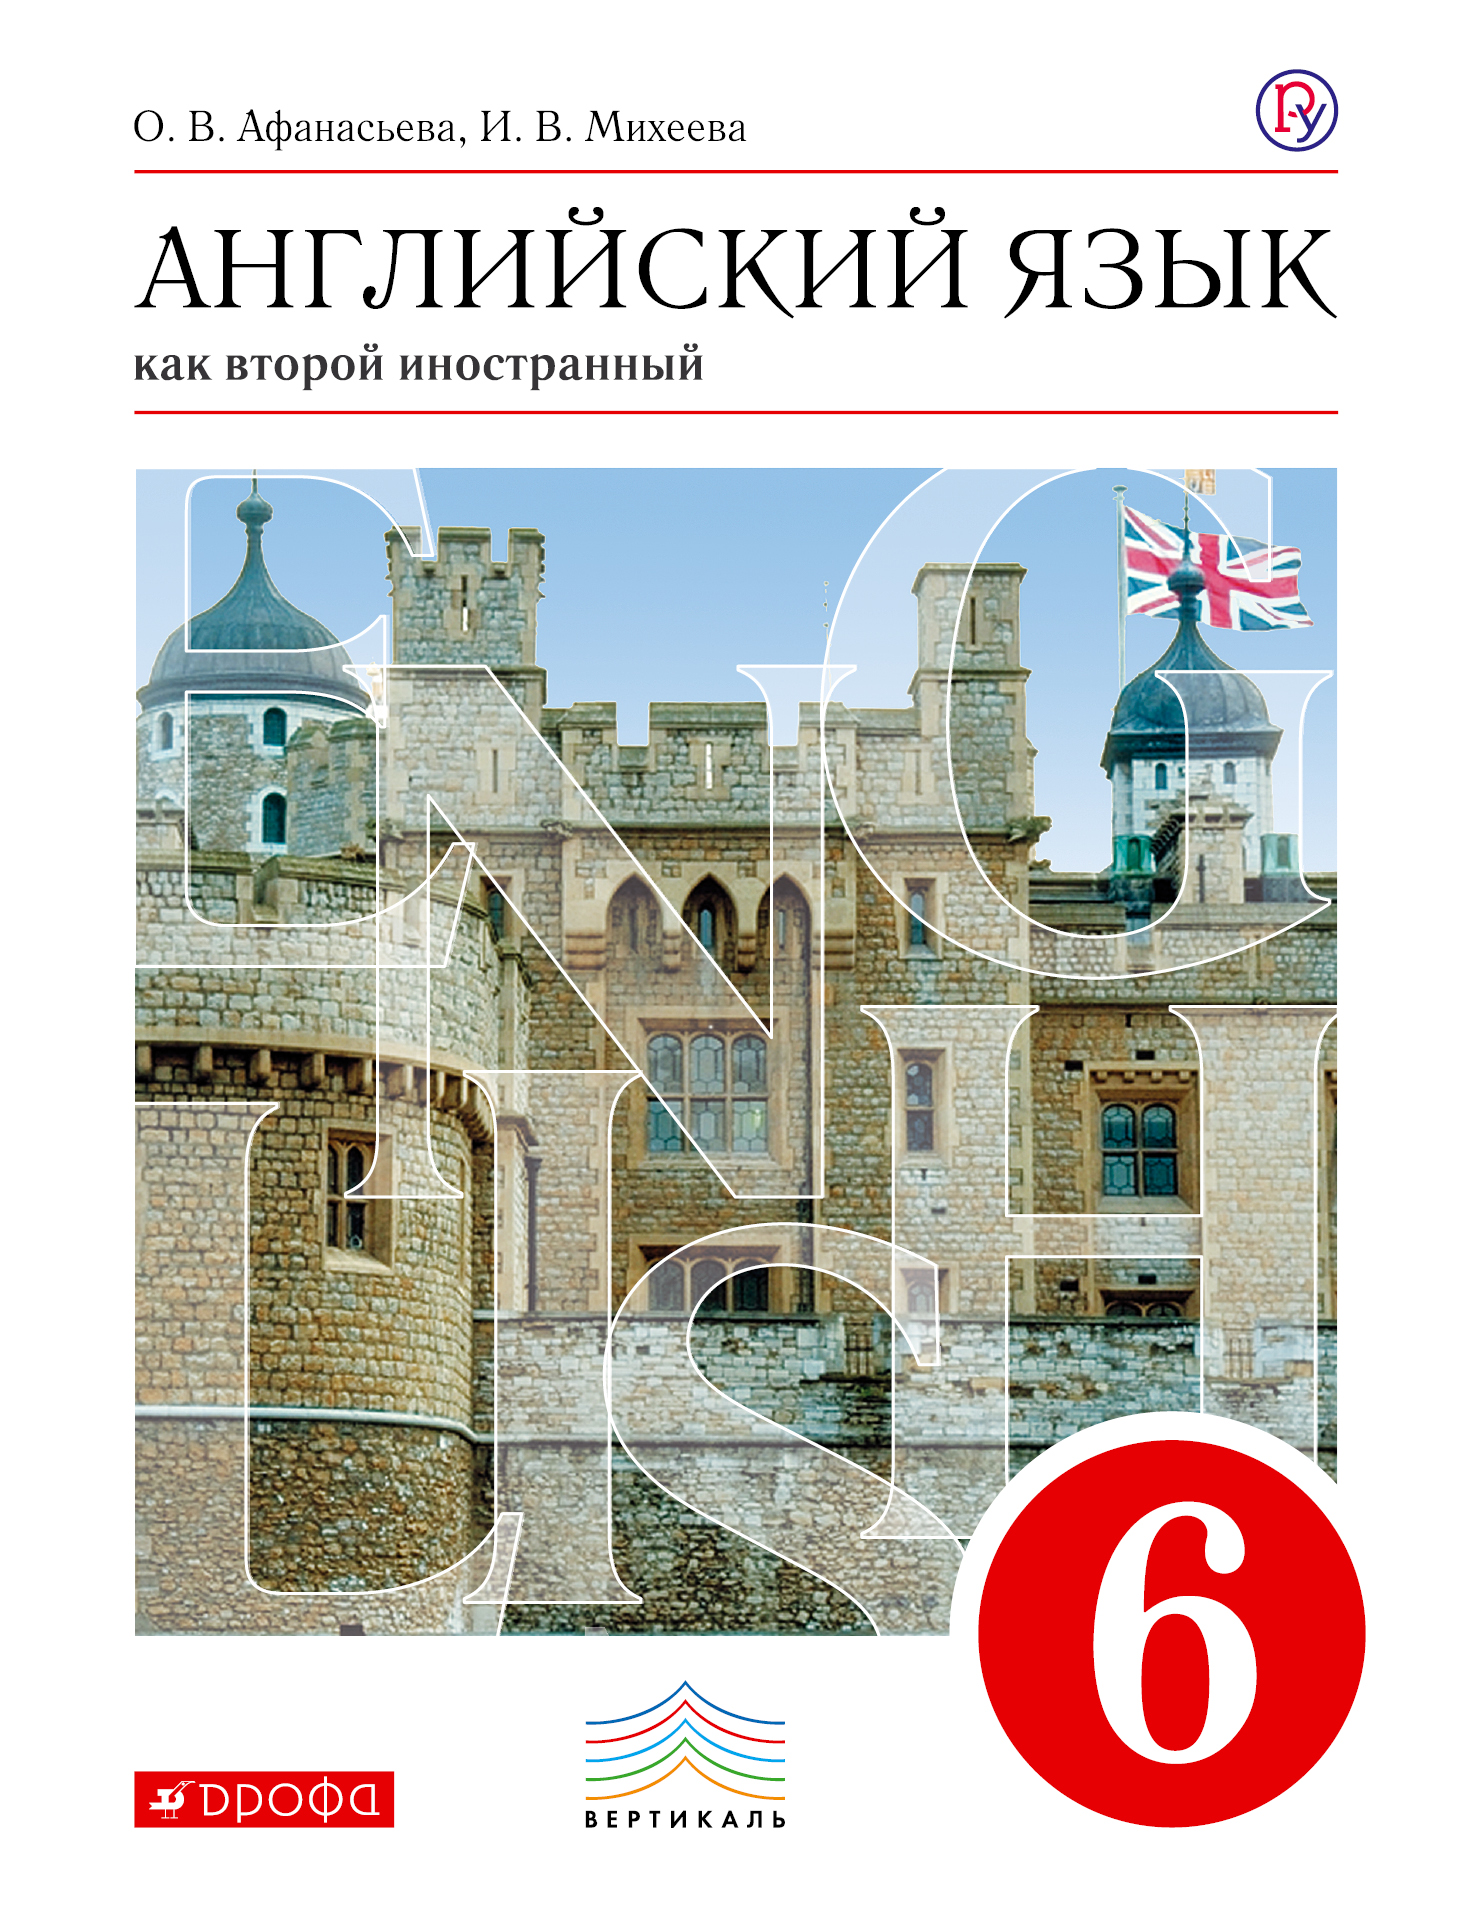 Афанасьева О.В., Михеева И.В. Английский язык. 6 класс. Учебник. Английский язык. 6 класс.